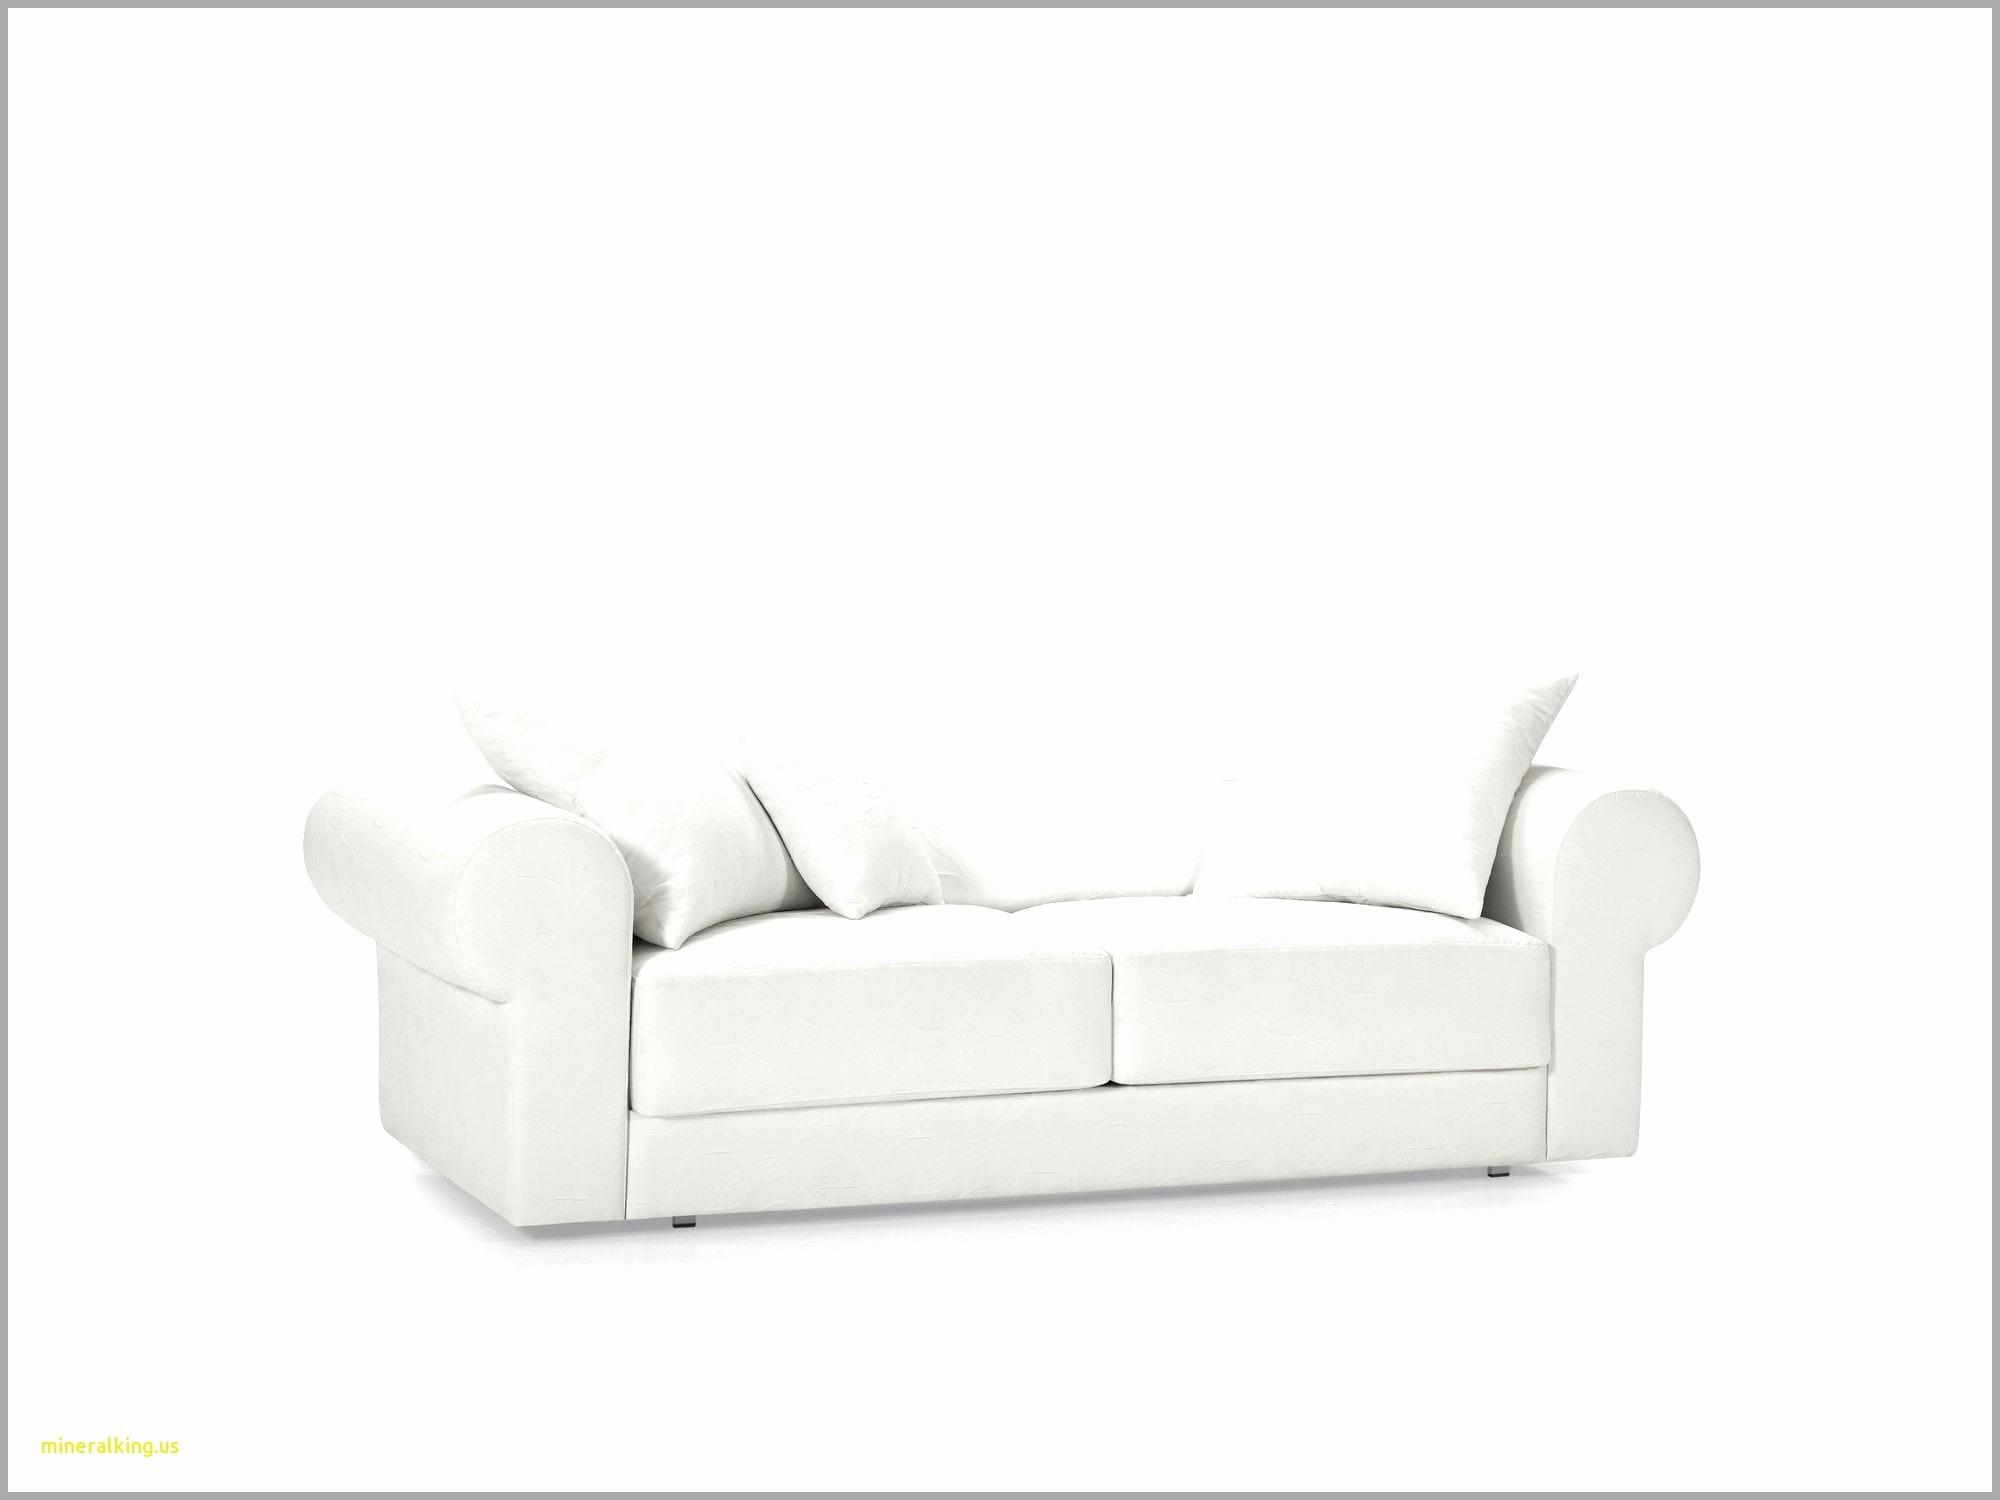 Canapé Convertible Simili Cuir Pas Cher Nouveau Images Canap Blanc Good Canape D Angle Places Avec Canap N to Madrid Gris